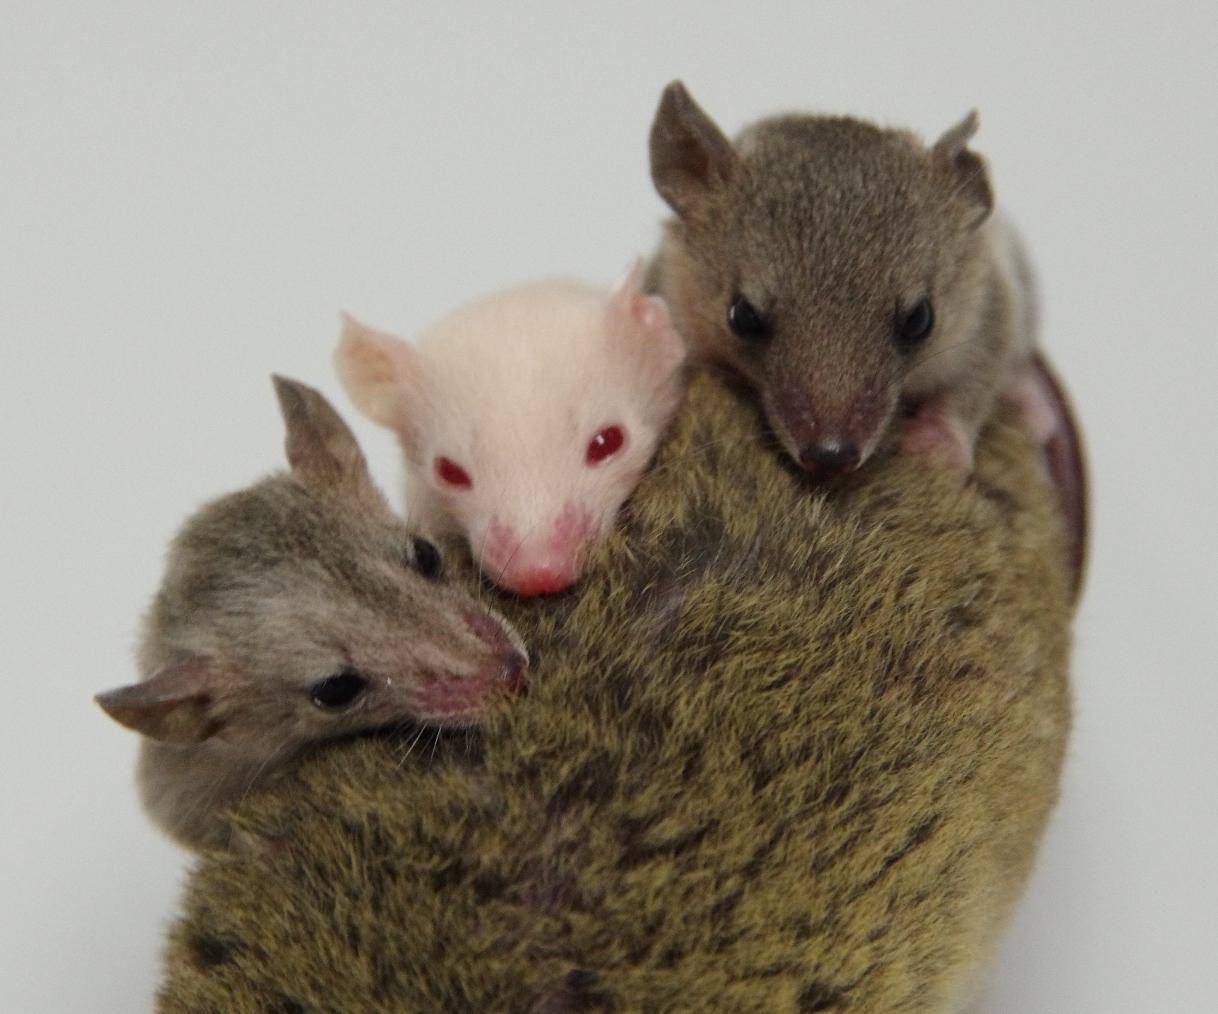 genome edited marsupials